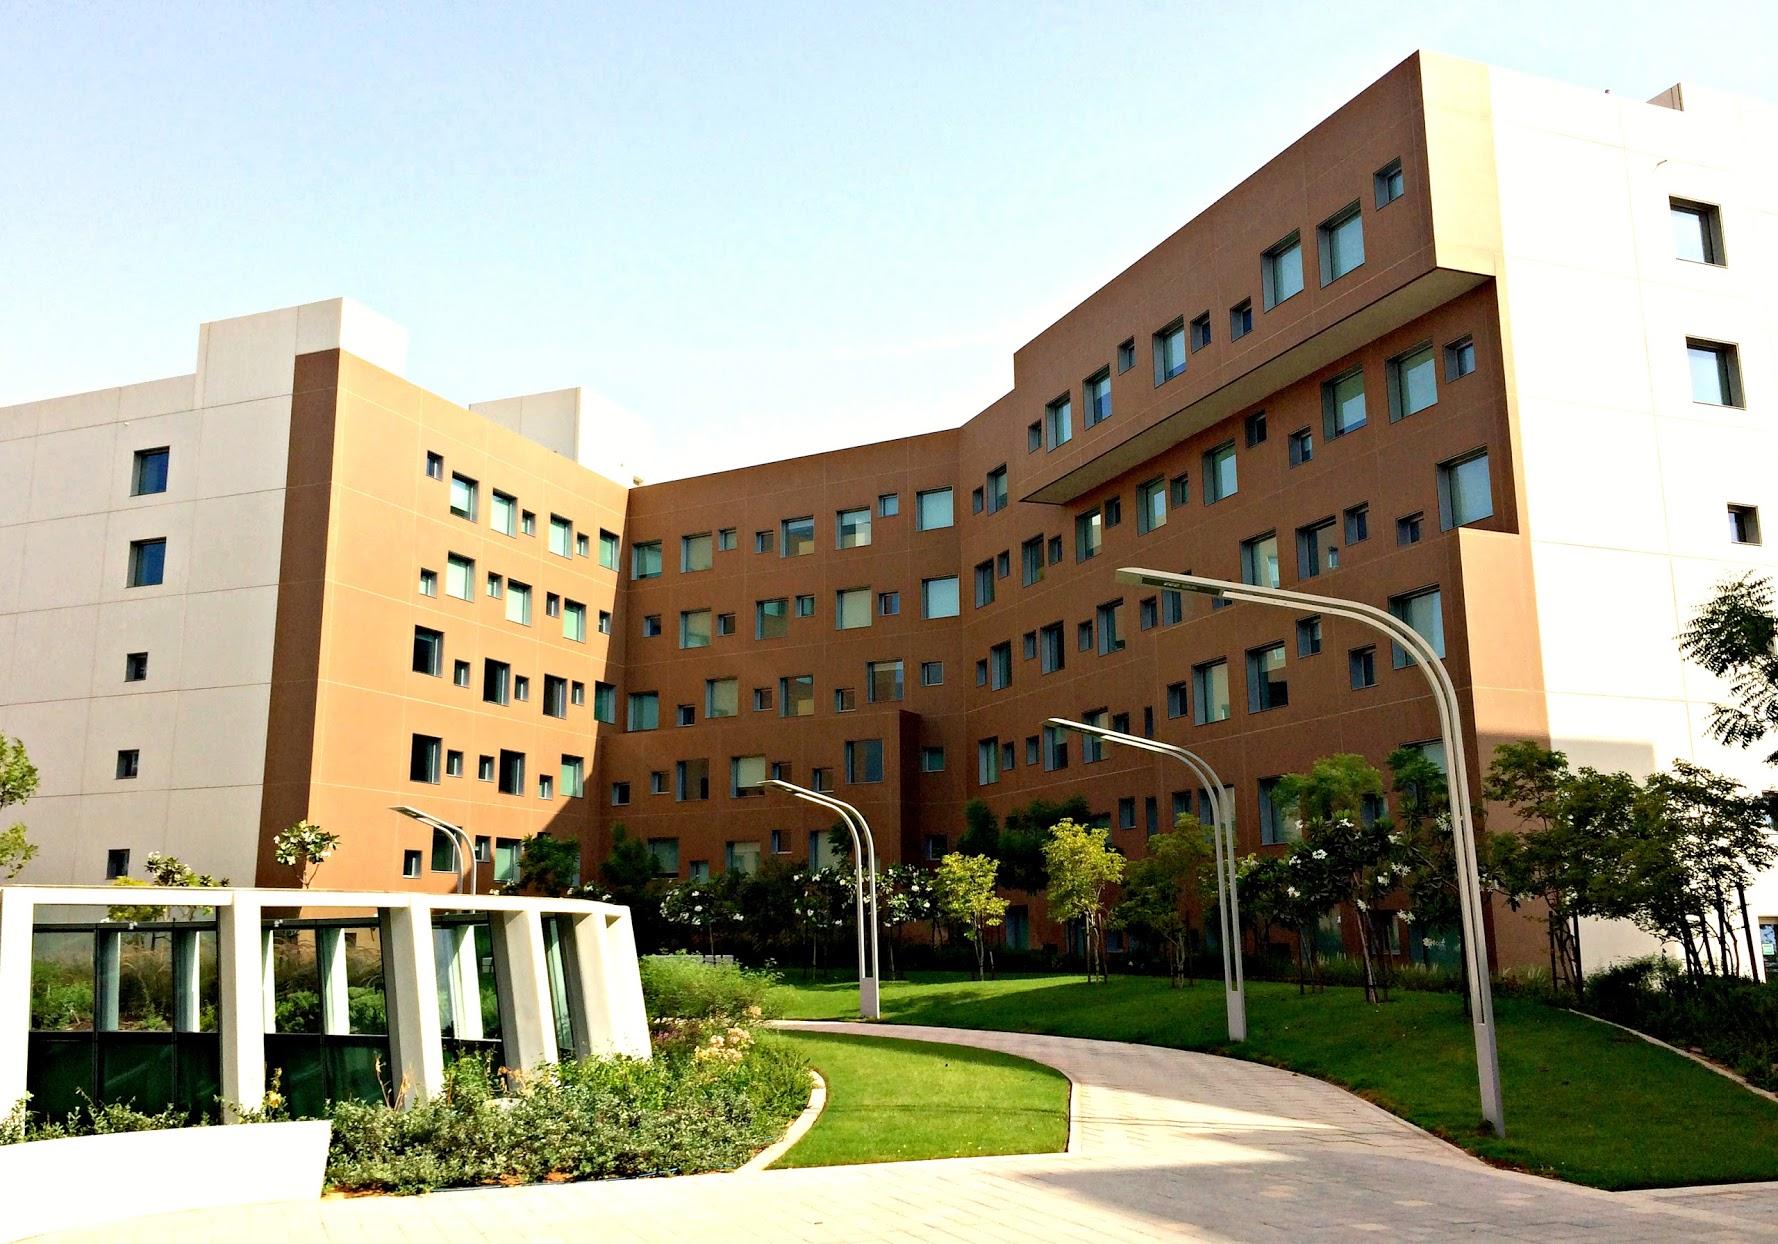 جامعة نيويورك أبوظبي